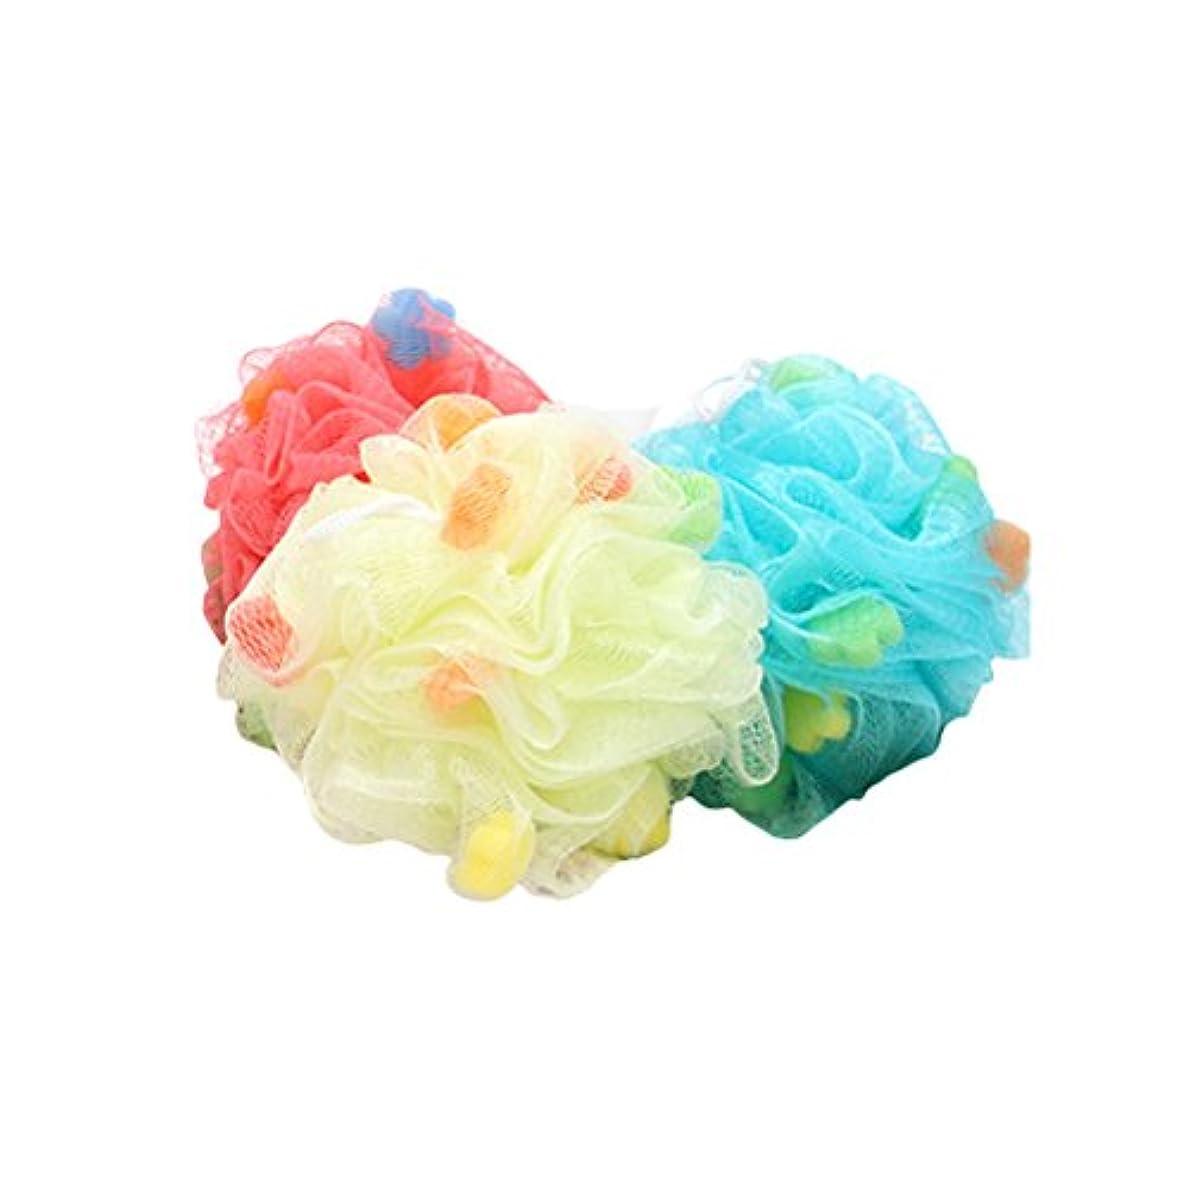 軽取り替える協力するHealifty ボディースポンジ 泡立てネット フラワーボール シャワー用 バス用品 背中も洗える メッシュ ボディ洗い 泡肌美人(ランダム色)3個